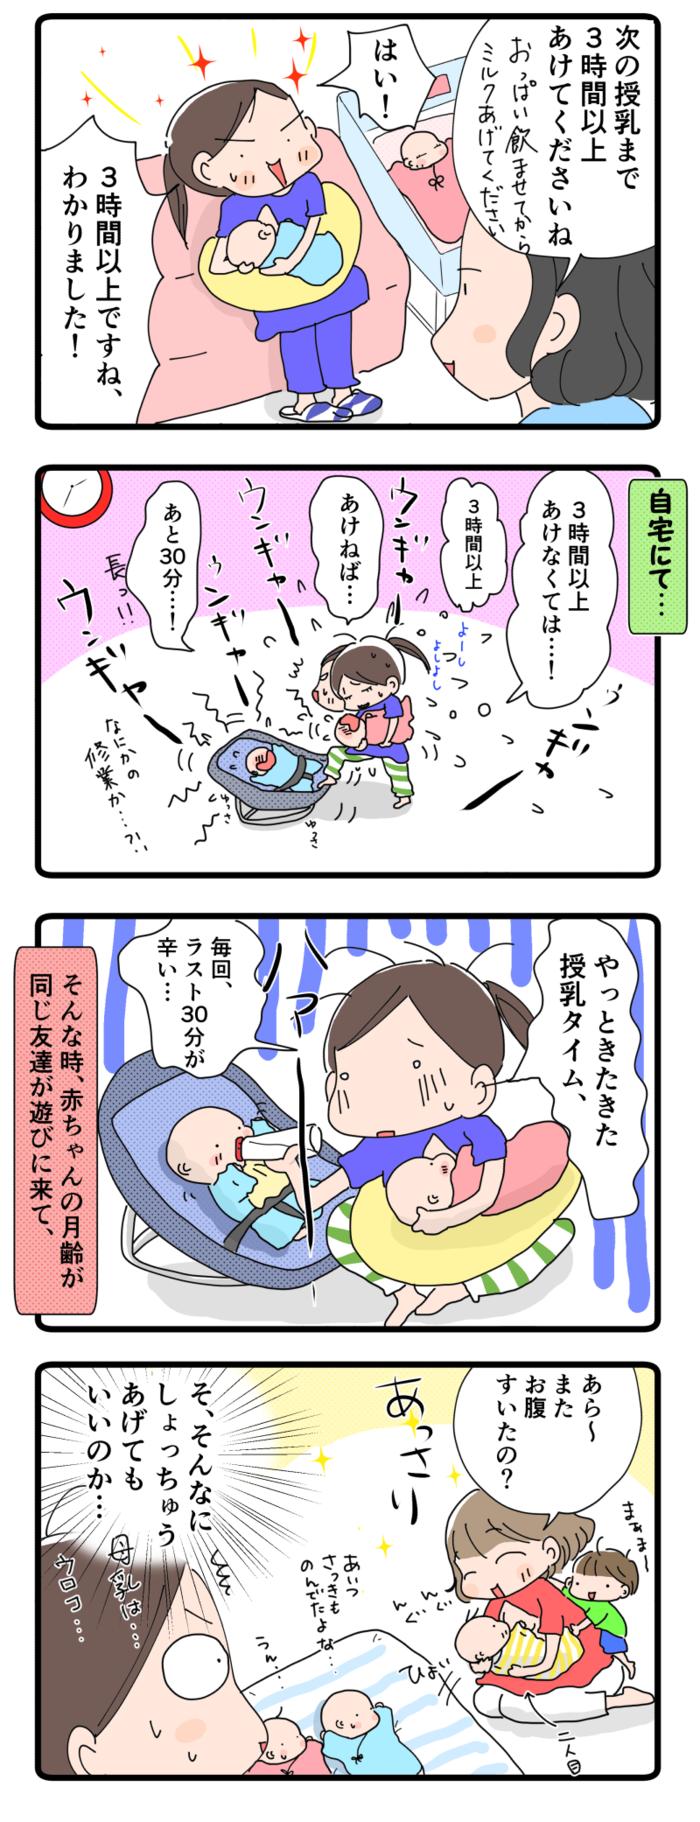 新米ママがよく陥ってしまう!?「ねばならない」育児の落とし穴の画像1